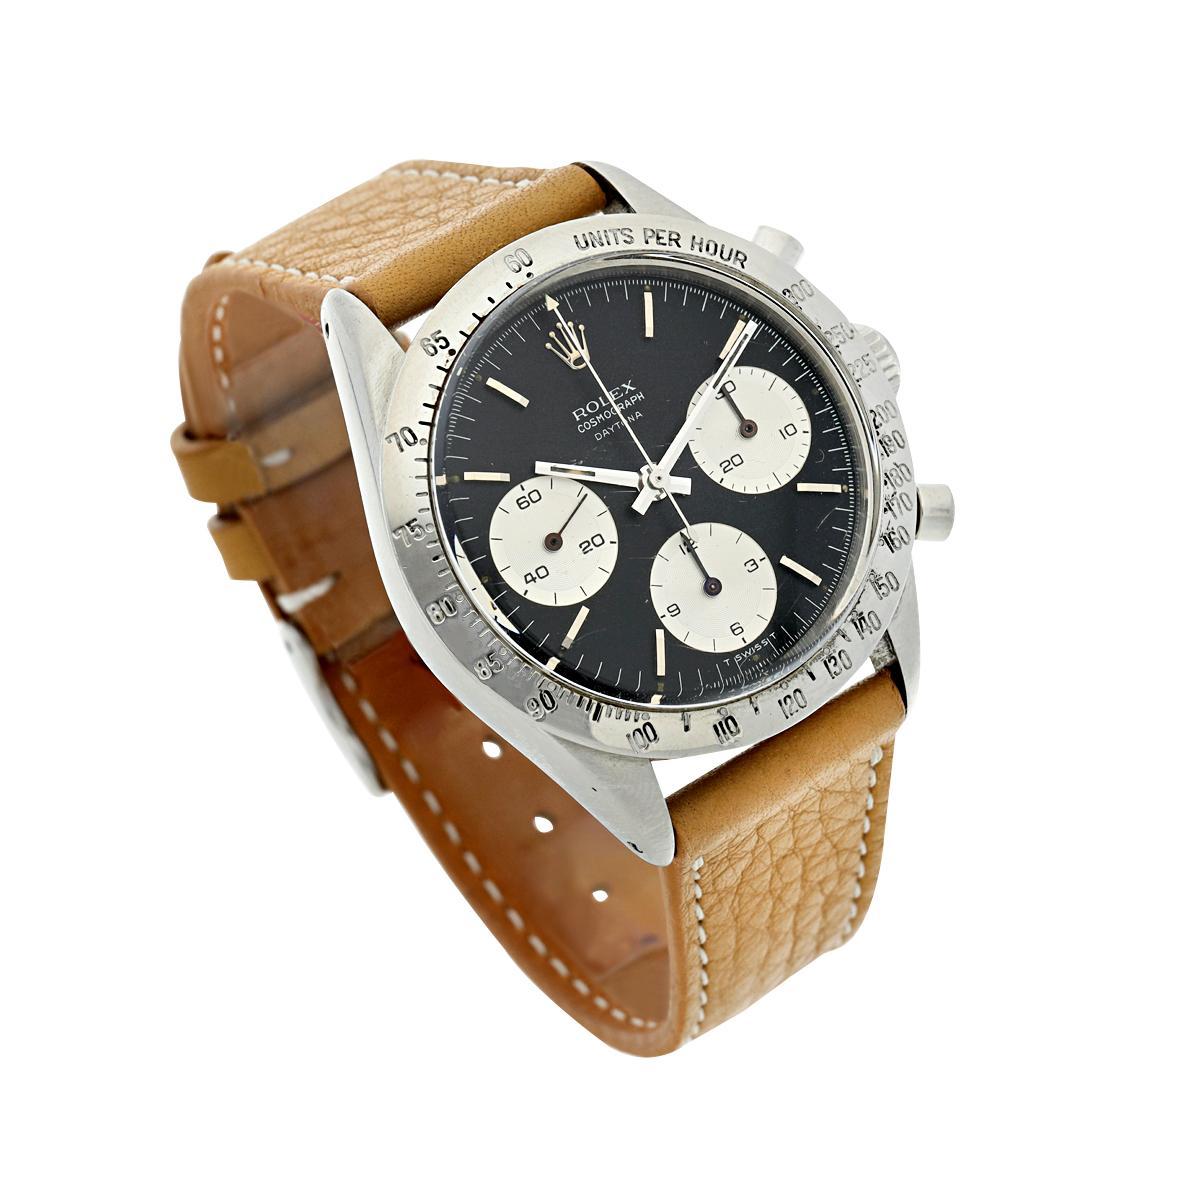 rolex-ref-6239-ss-daytona-wristwatch-with-bracelet-c4a6